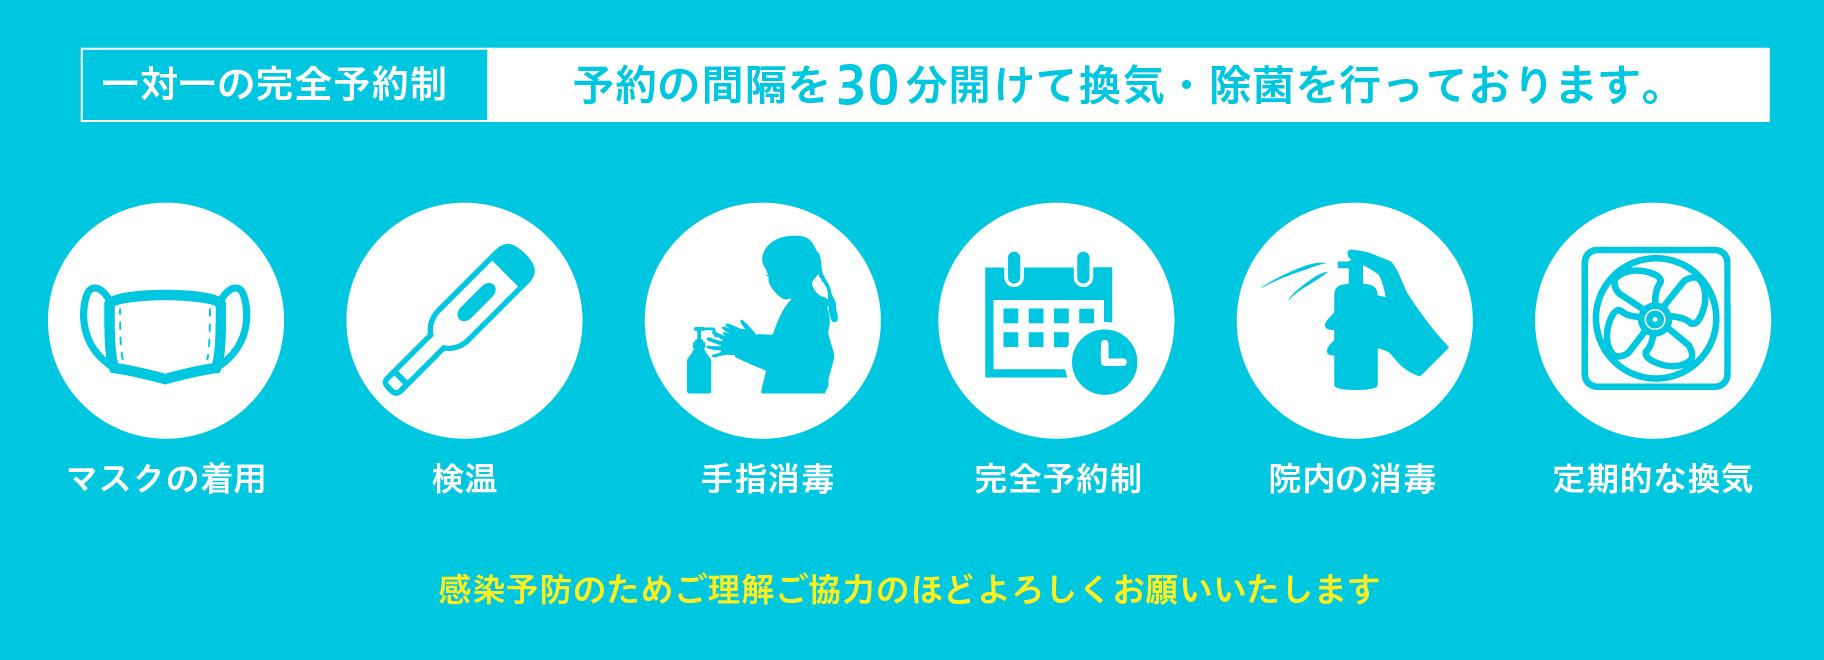 緊急事態宣言に伴う当院のコロナウイルス感染予防対策について